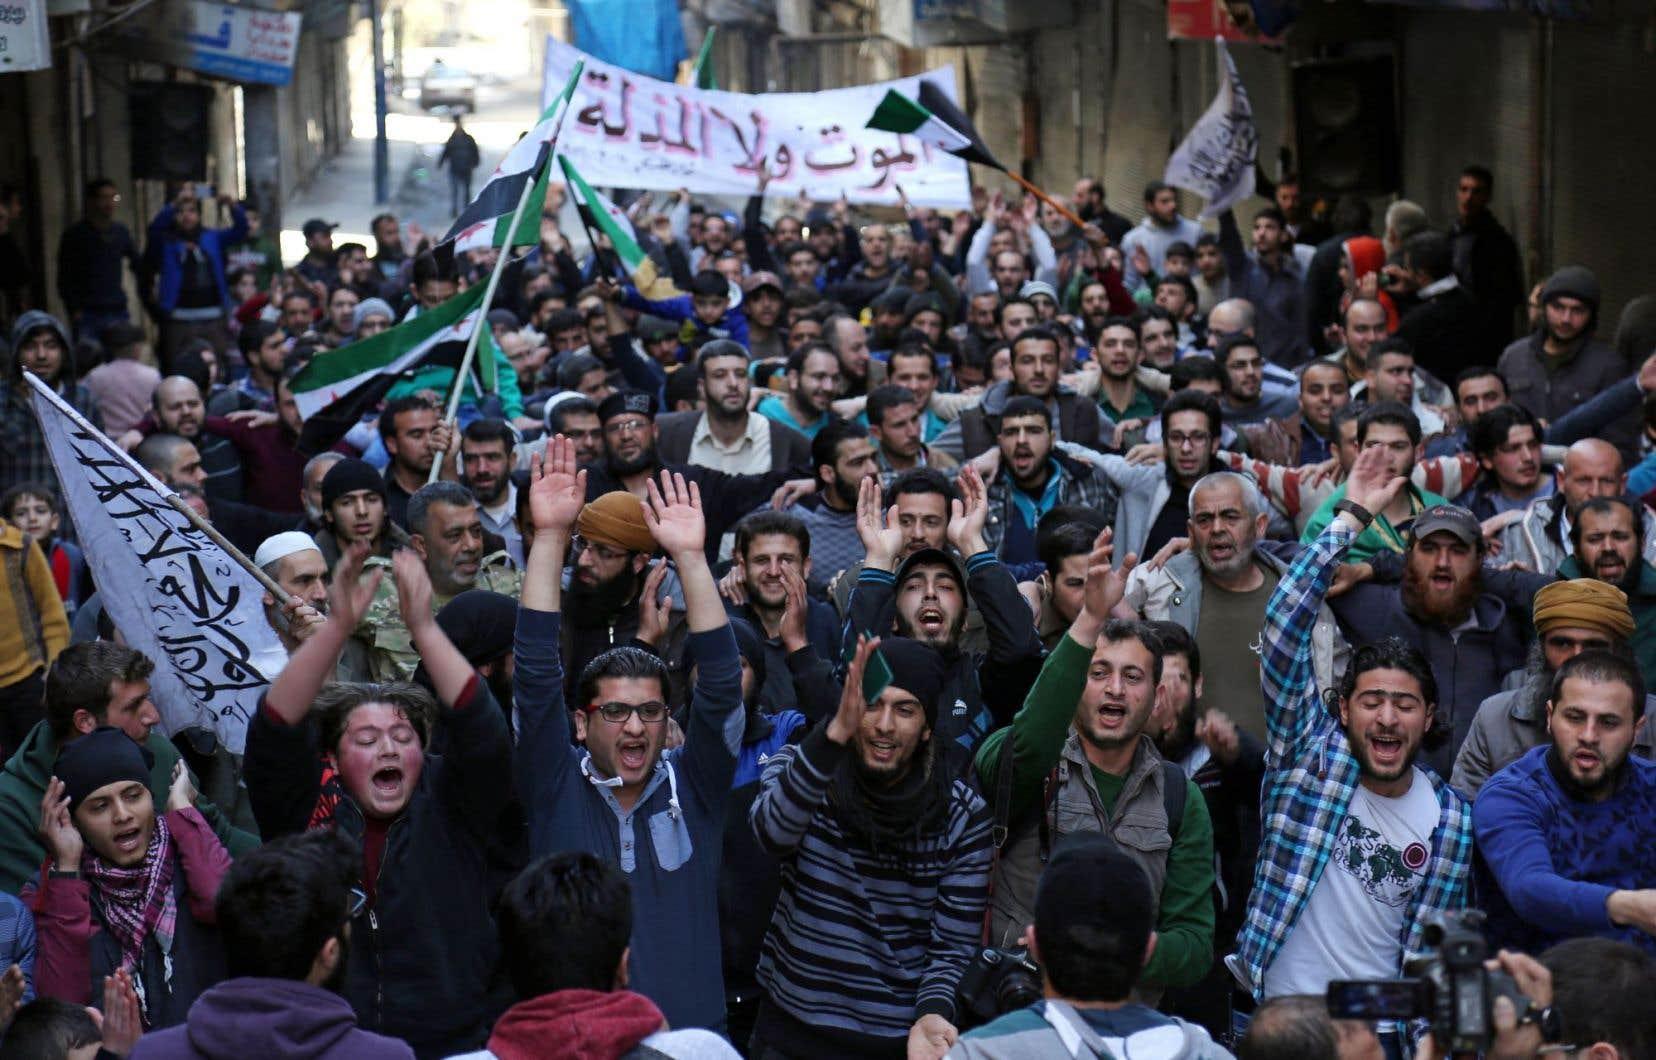 Des citoyens syriens reprennent la rue pour dénoncer le régime de Damas à la faveur du cessez-le-feu.